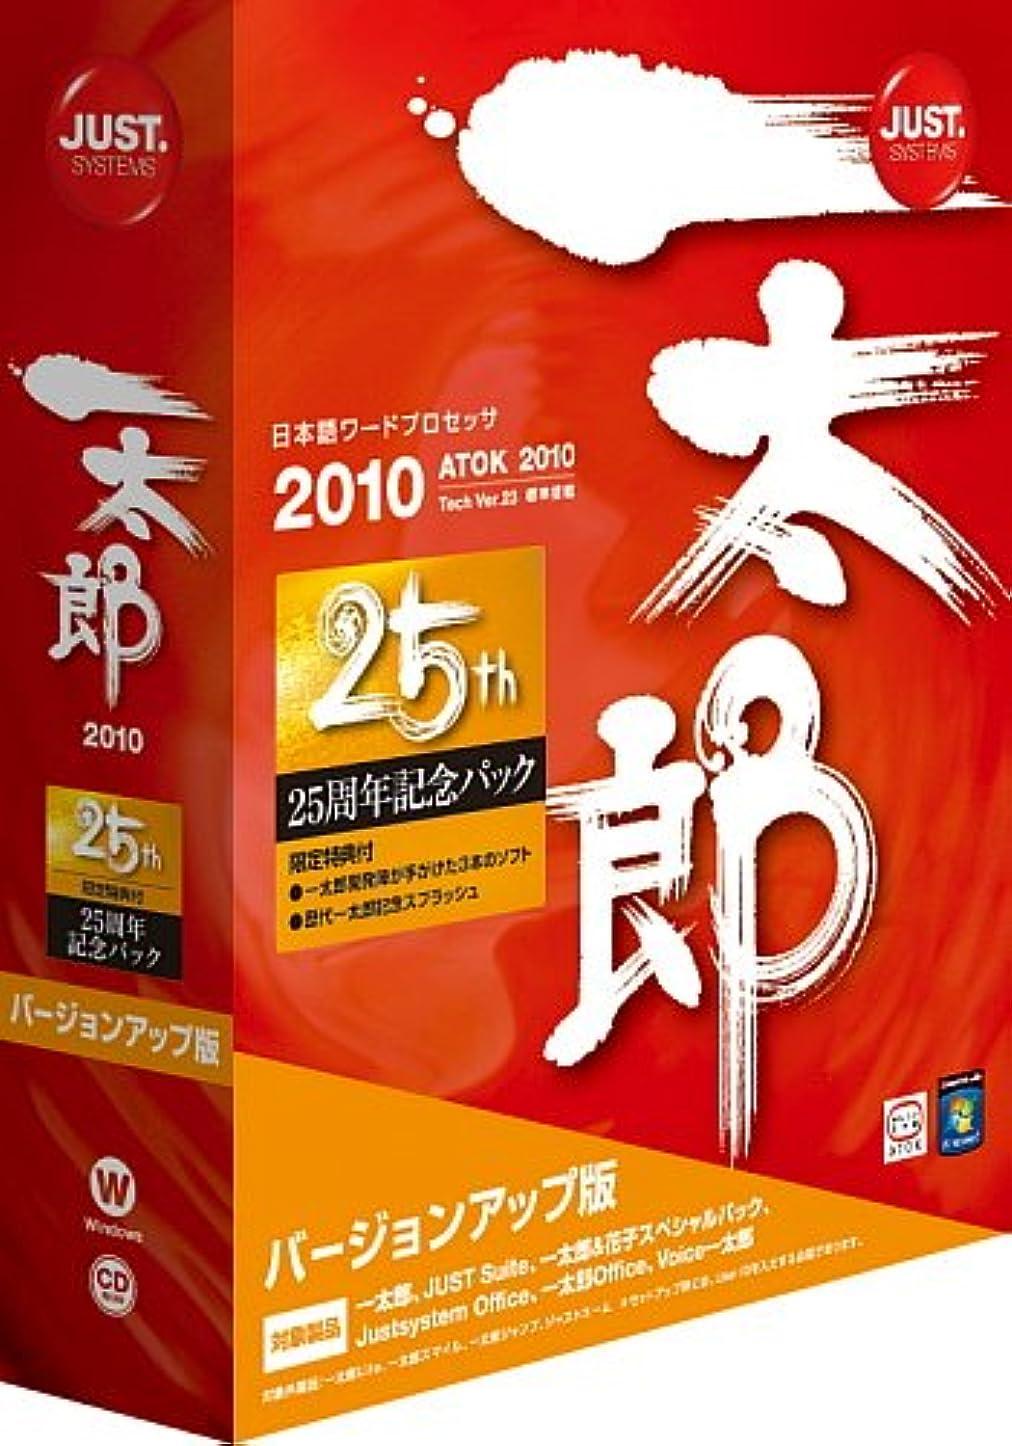 慎重振り返る生一太郎2010 [25周年記念パック] バージョンアップ版